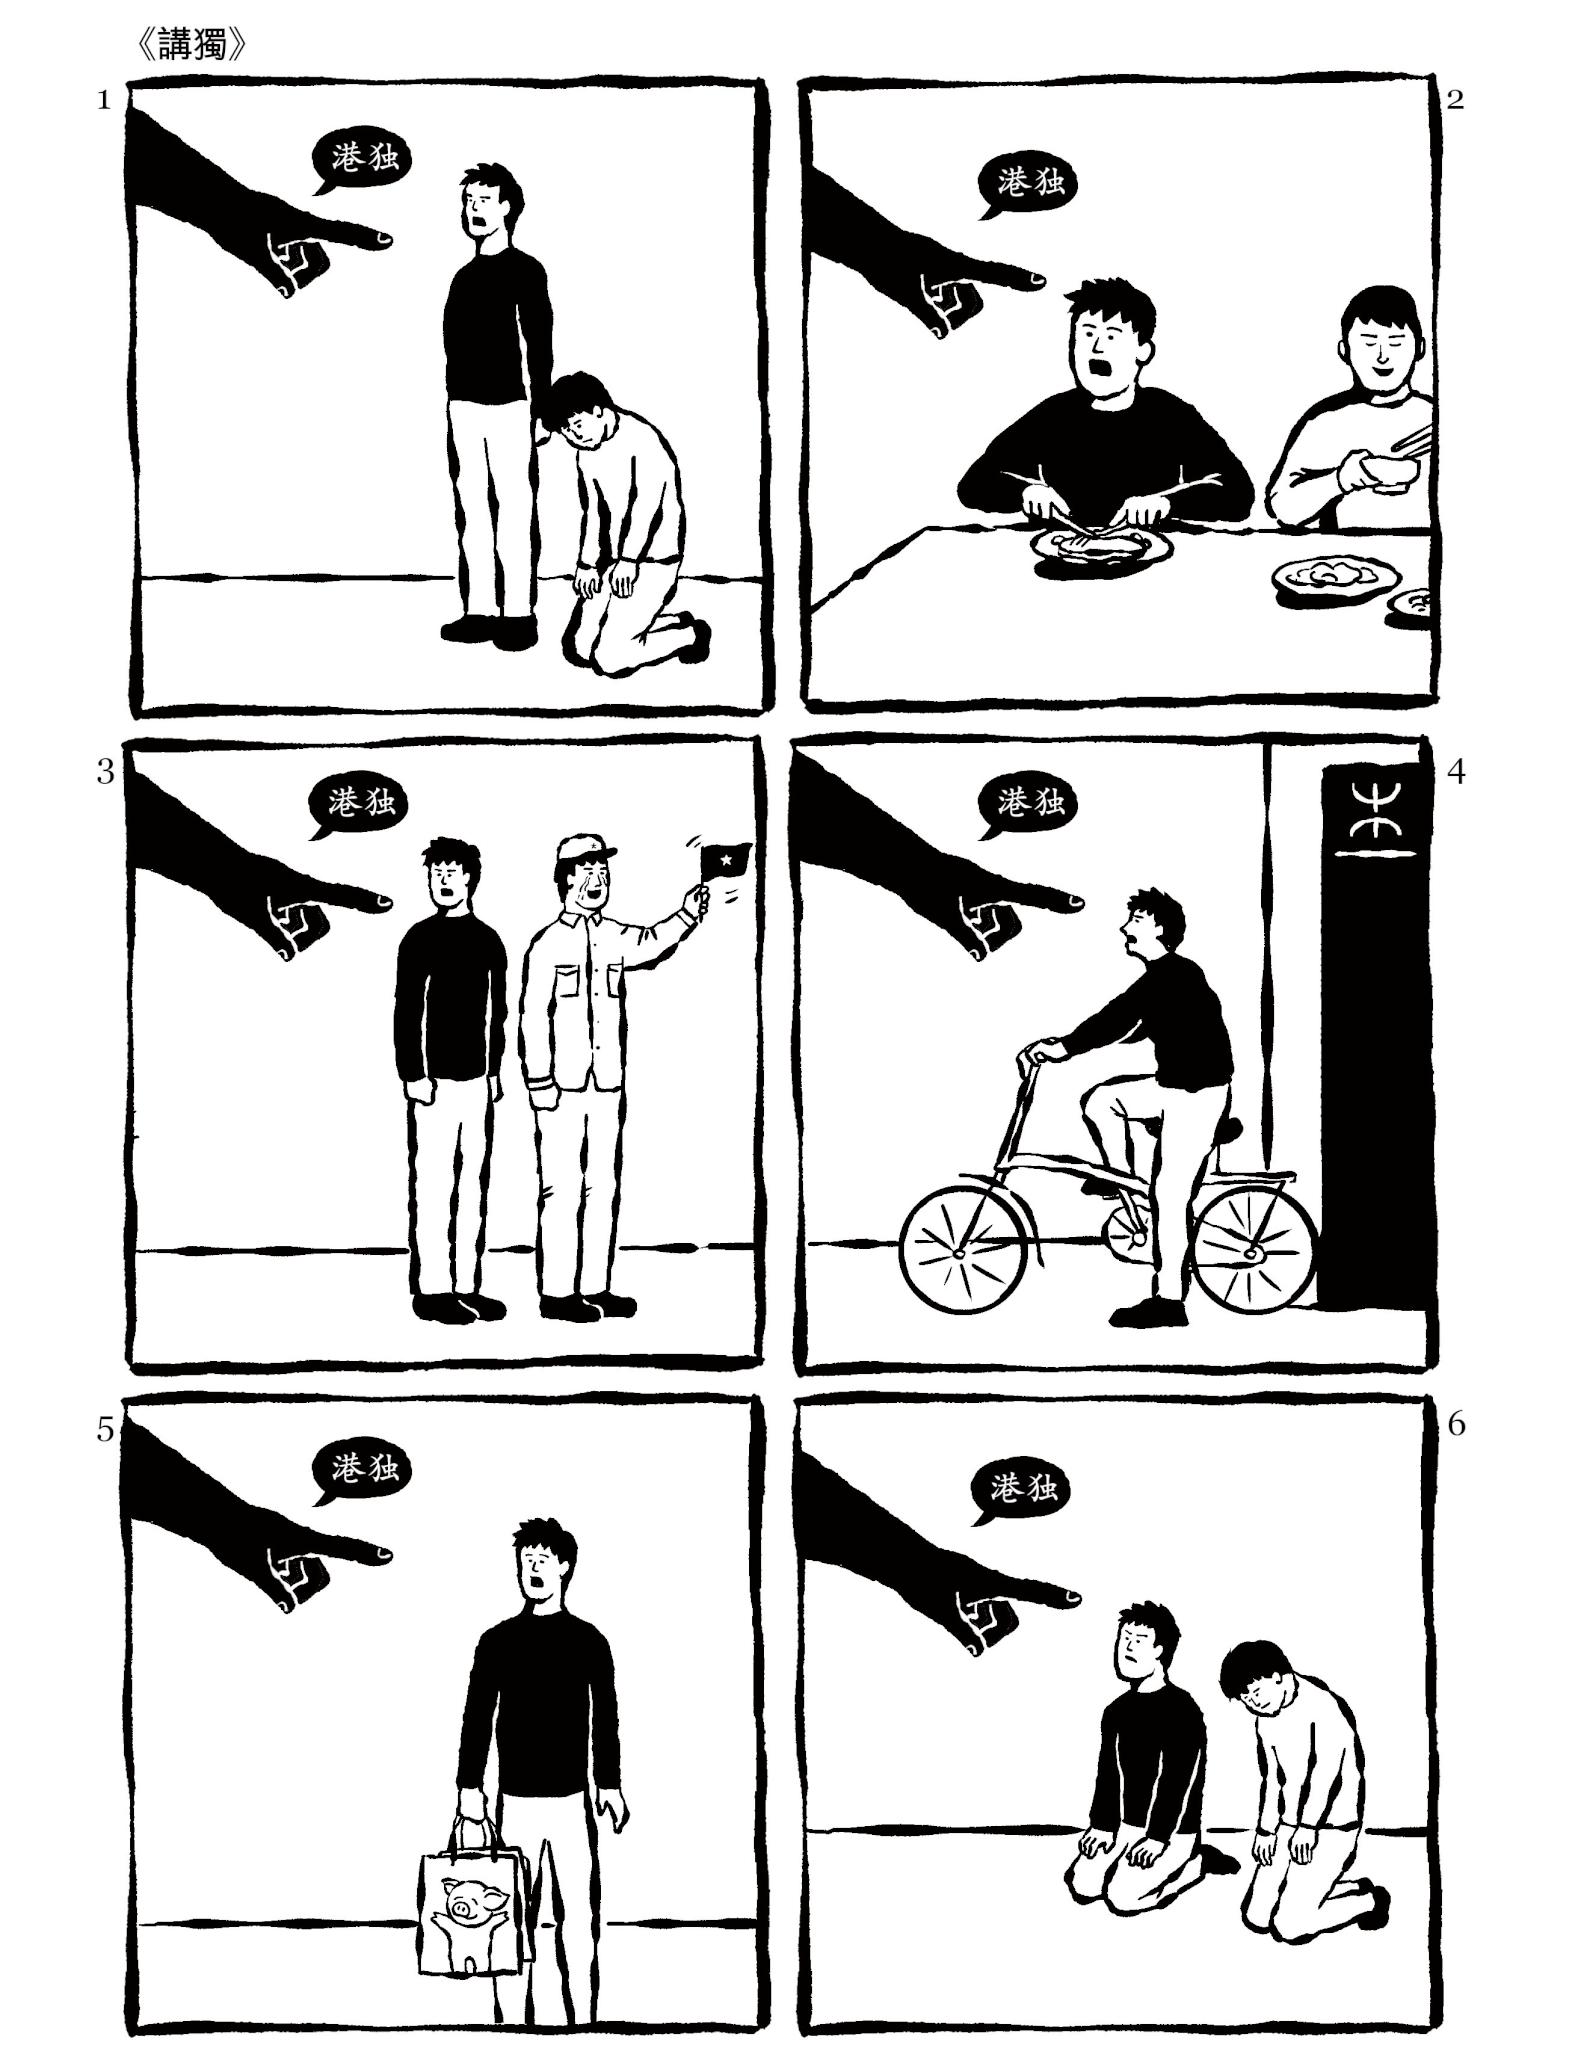 2671_comic